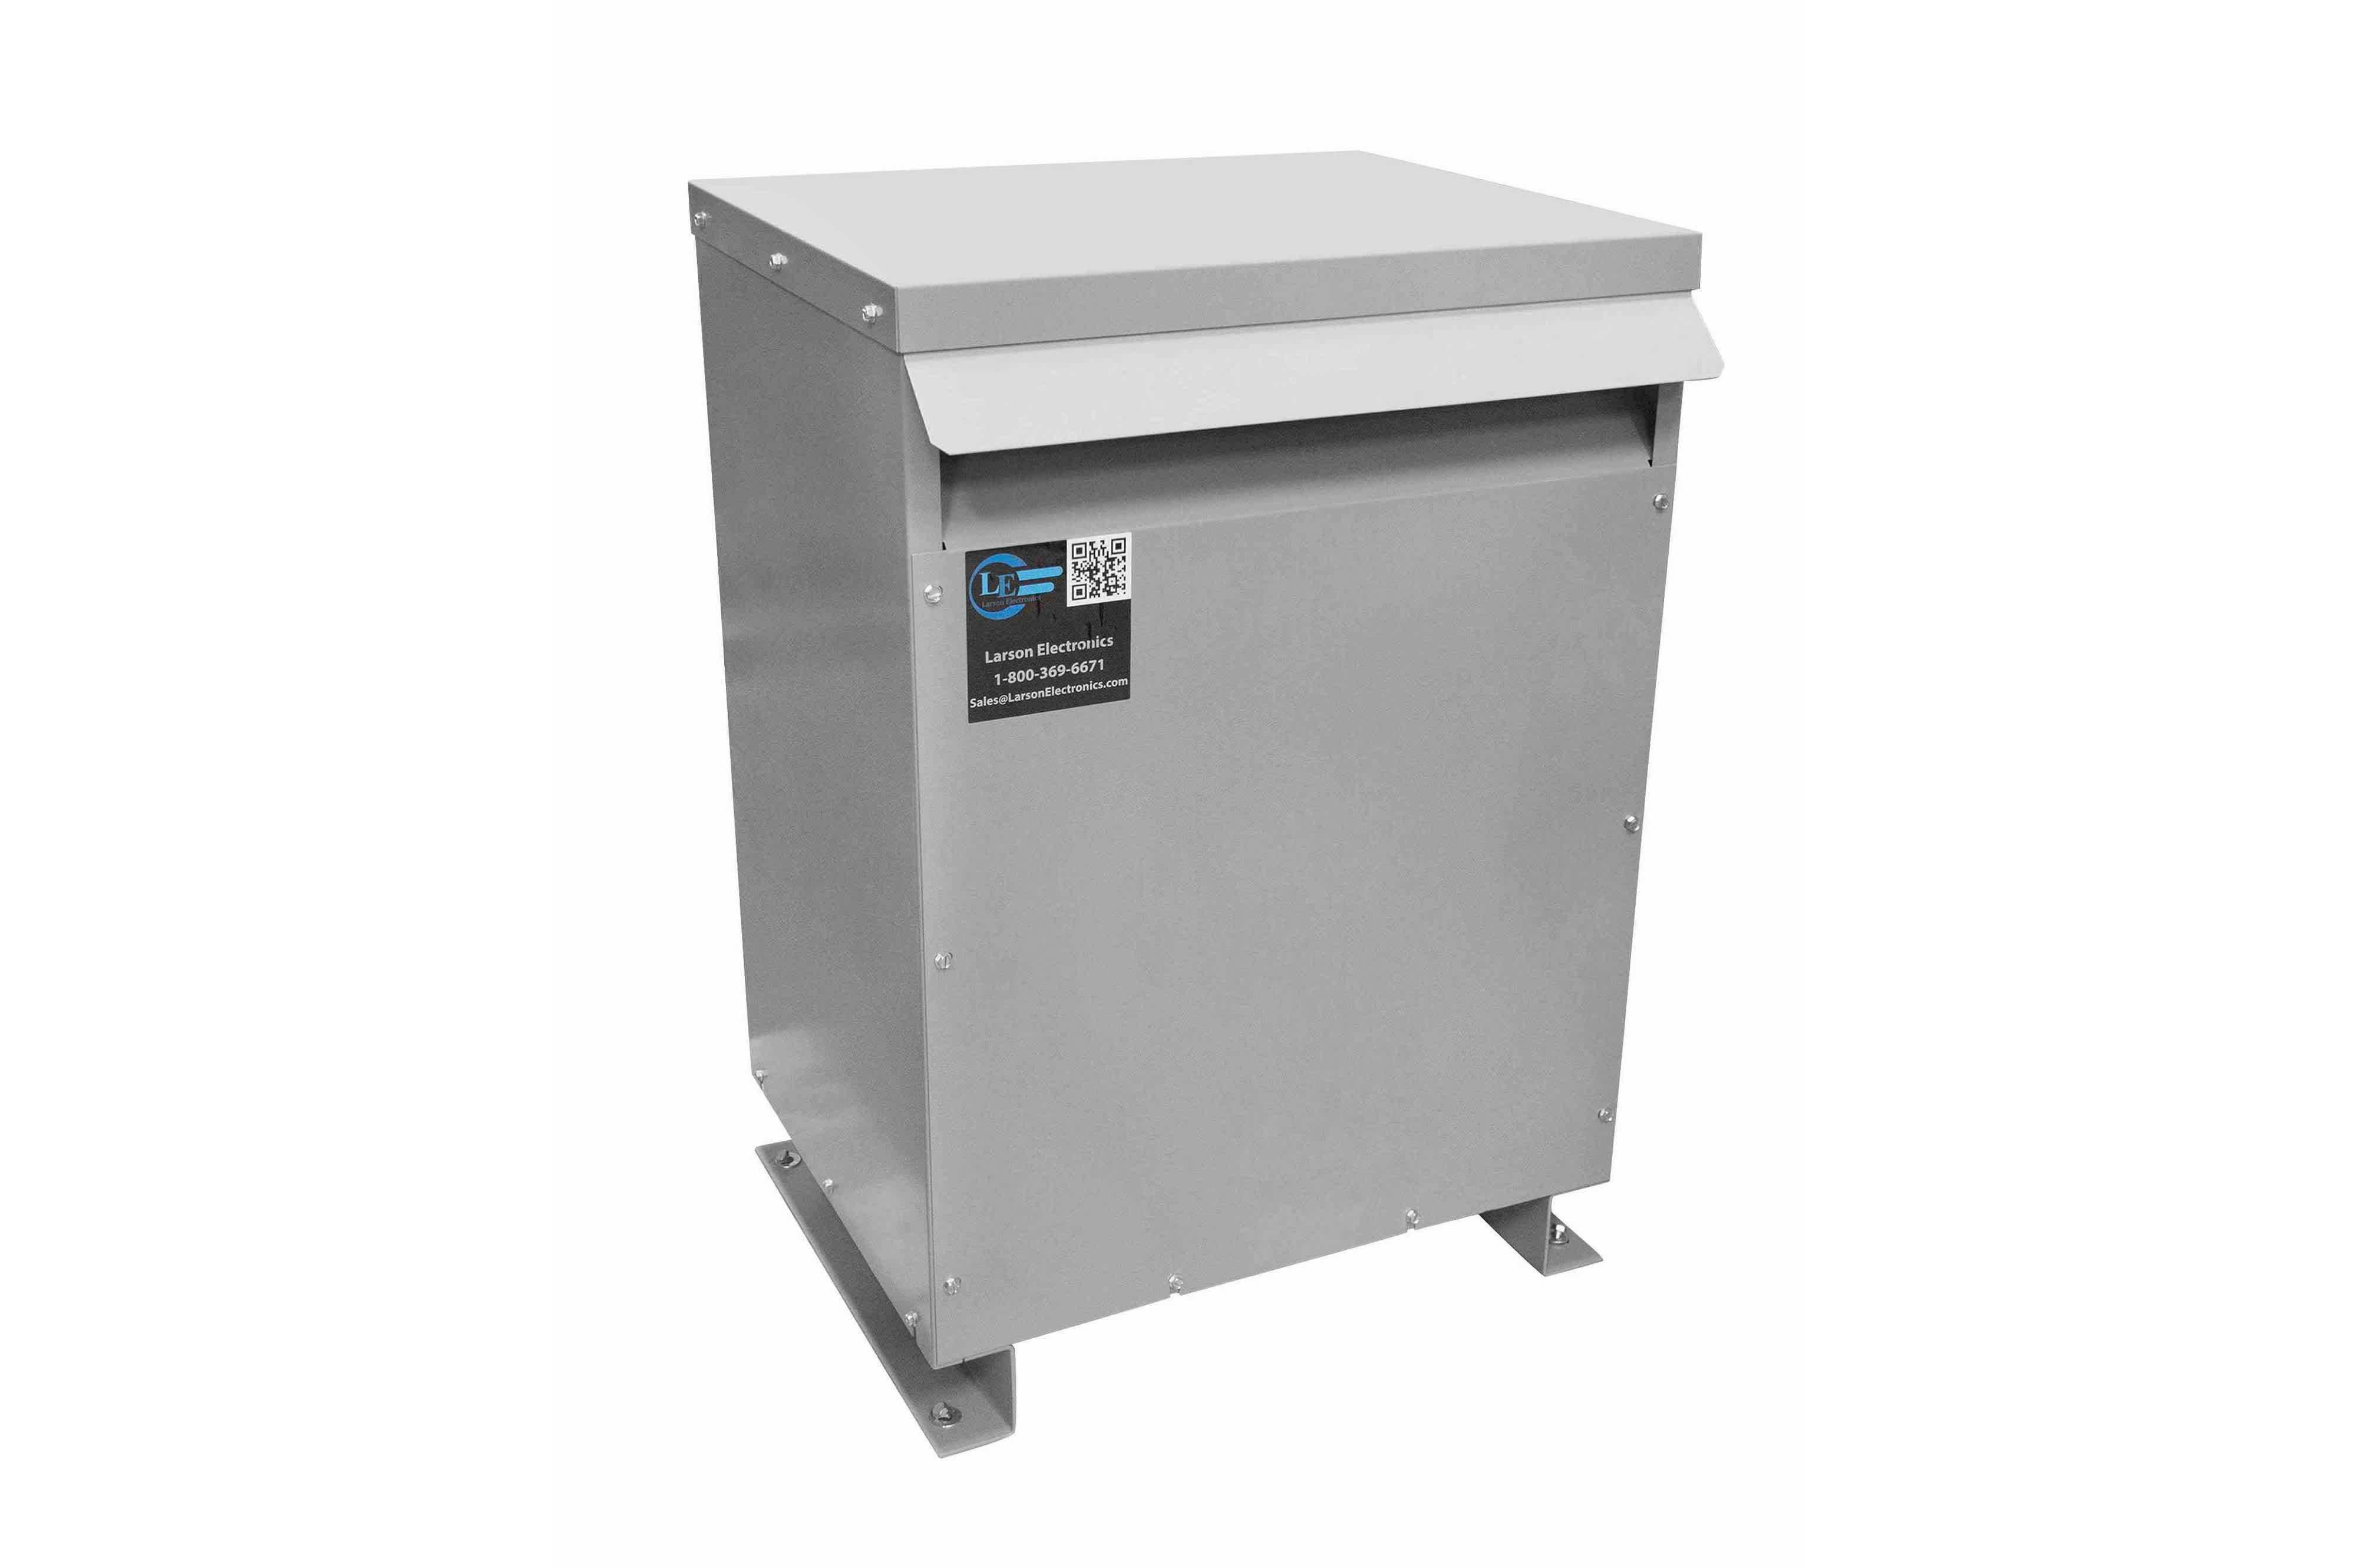 167 kVA 3PH DOE Transformer, 400V Delta Primary, 240V/120 Delta Secondary, N3R, Ventilated, 60 Hz